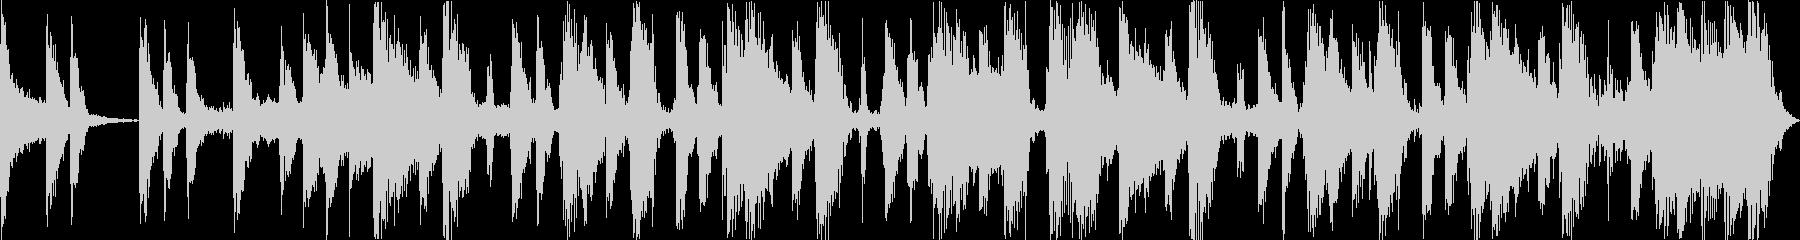 コミカルでノれるサックスのポップジングルの未再生の波形